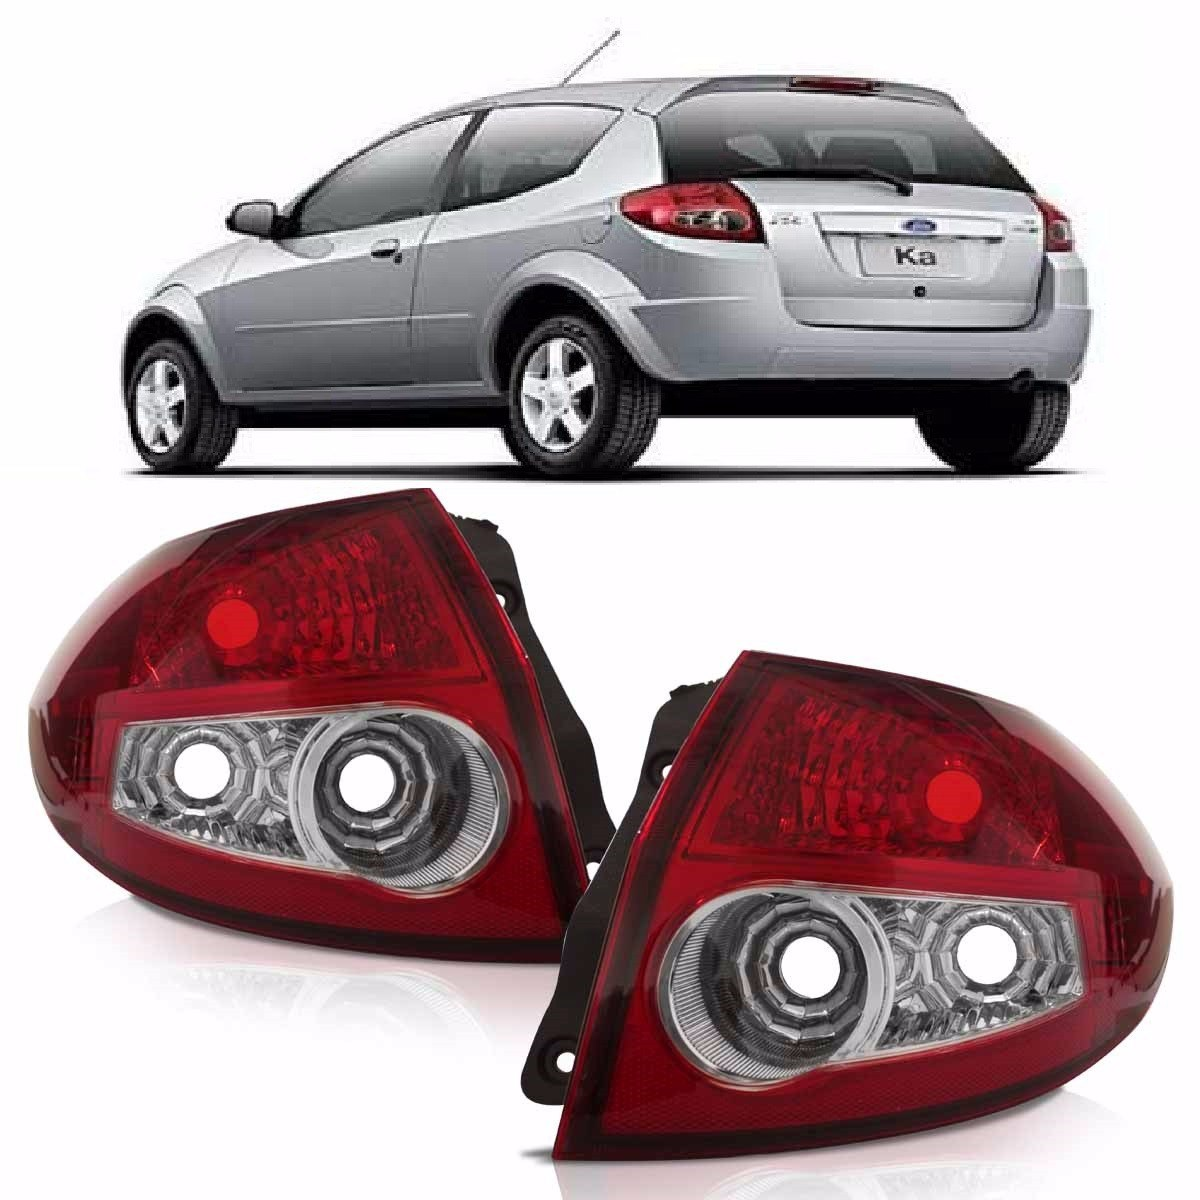 Lanterna Traseira Ford Ka 2008 2009 2010 2011 2012 Bicolor R